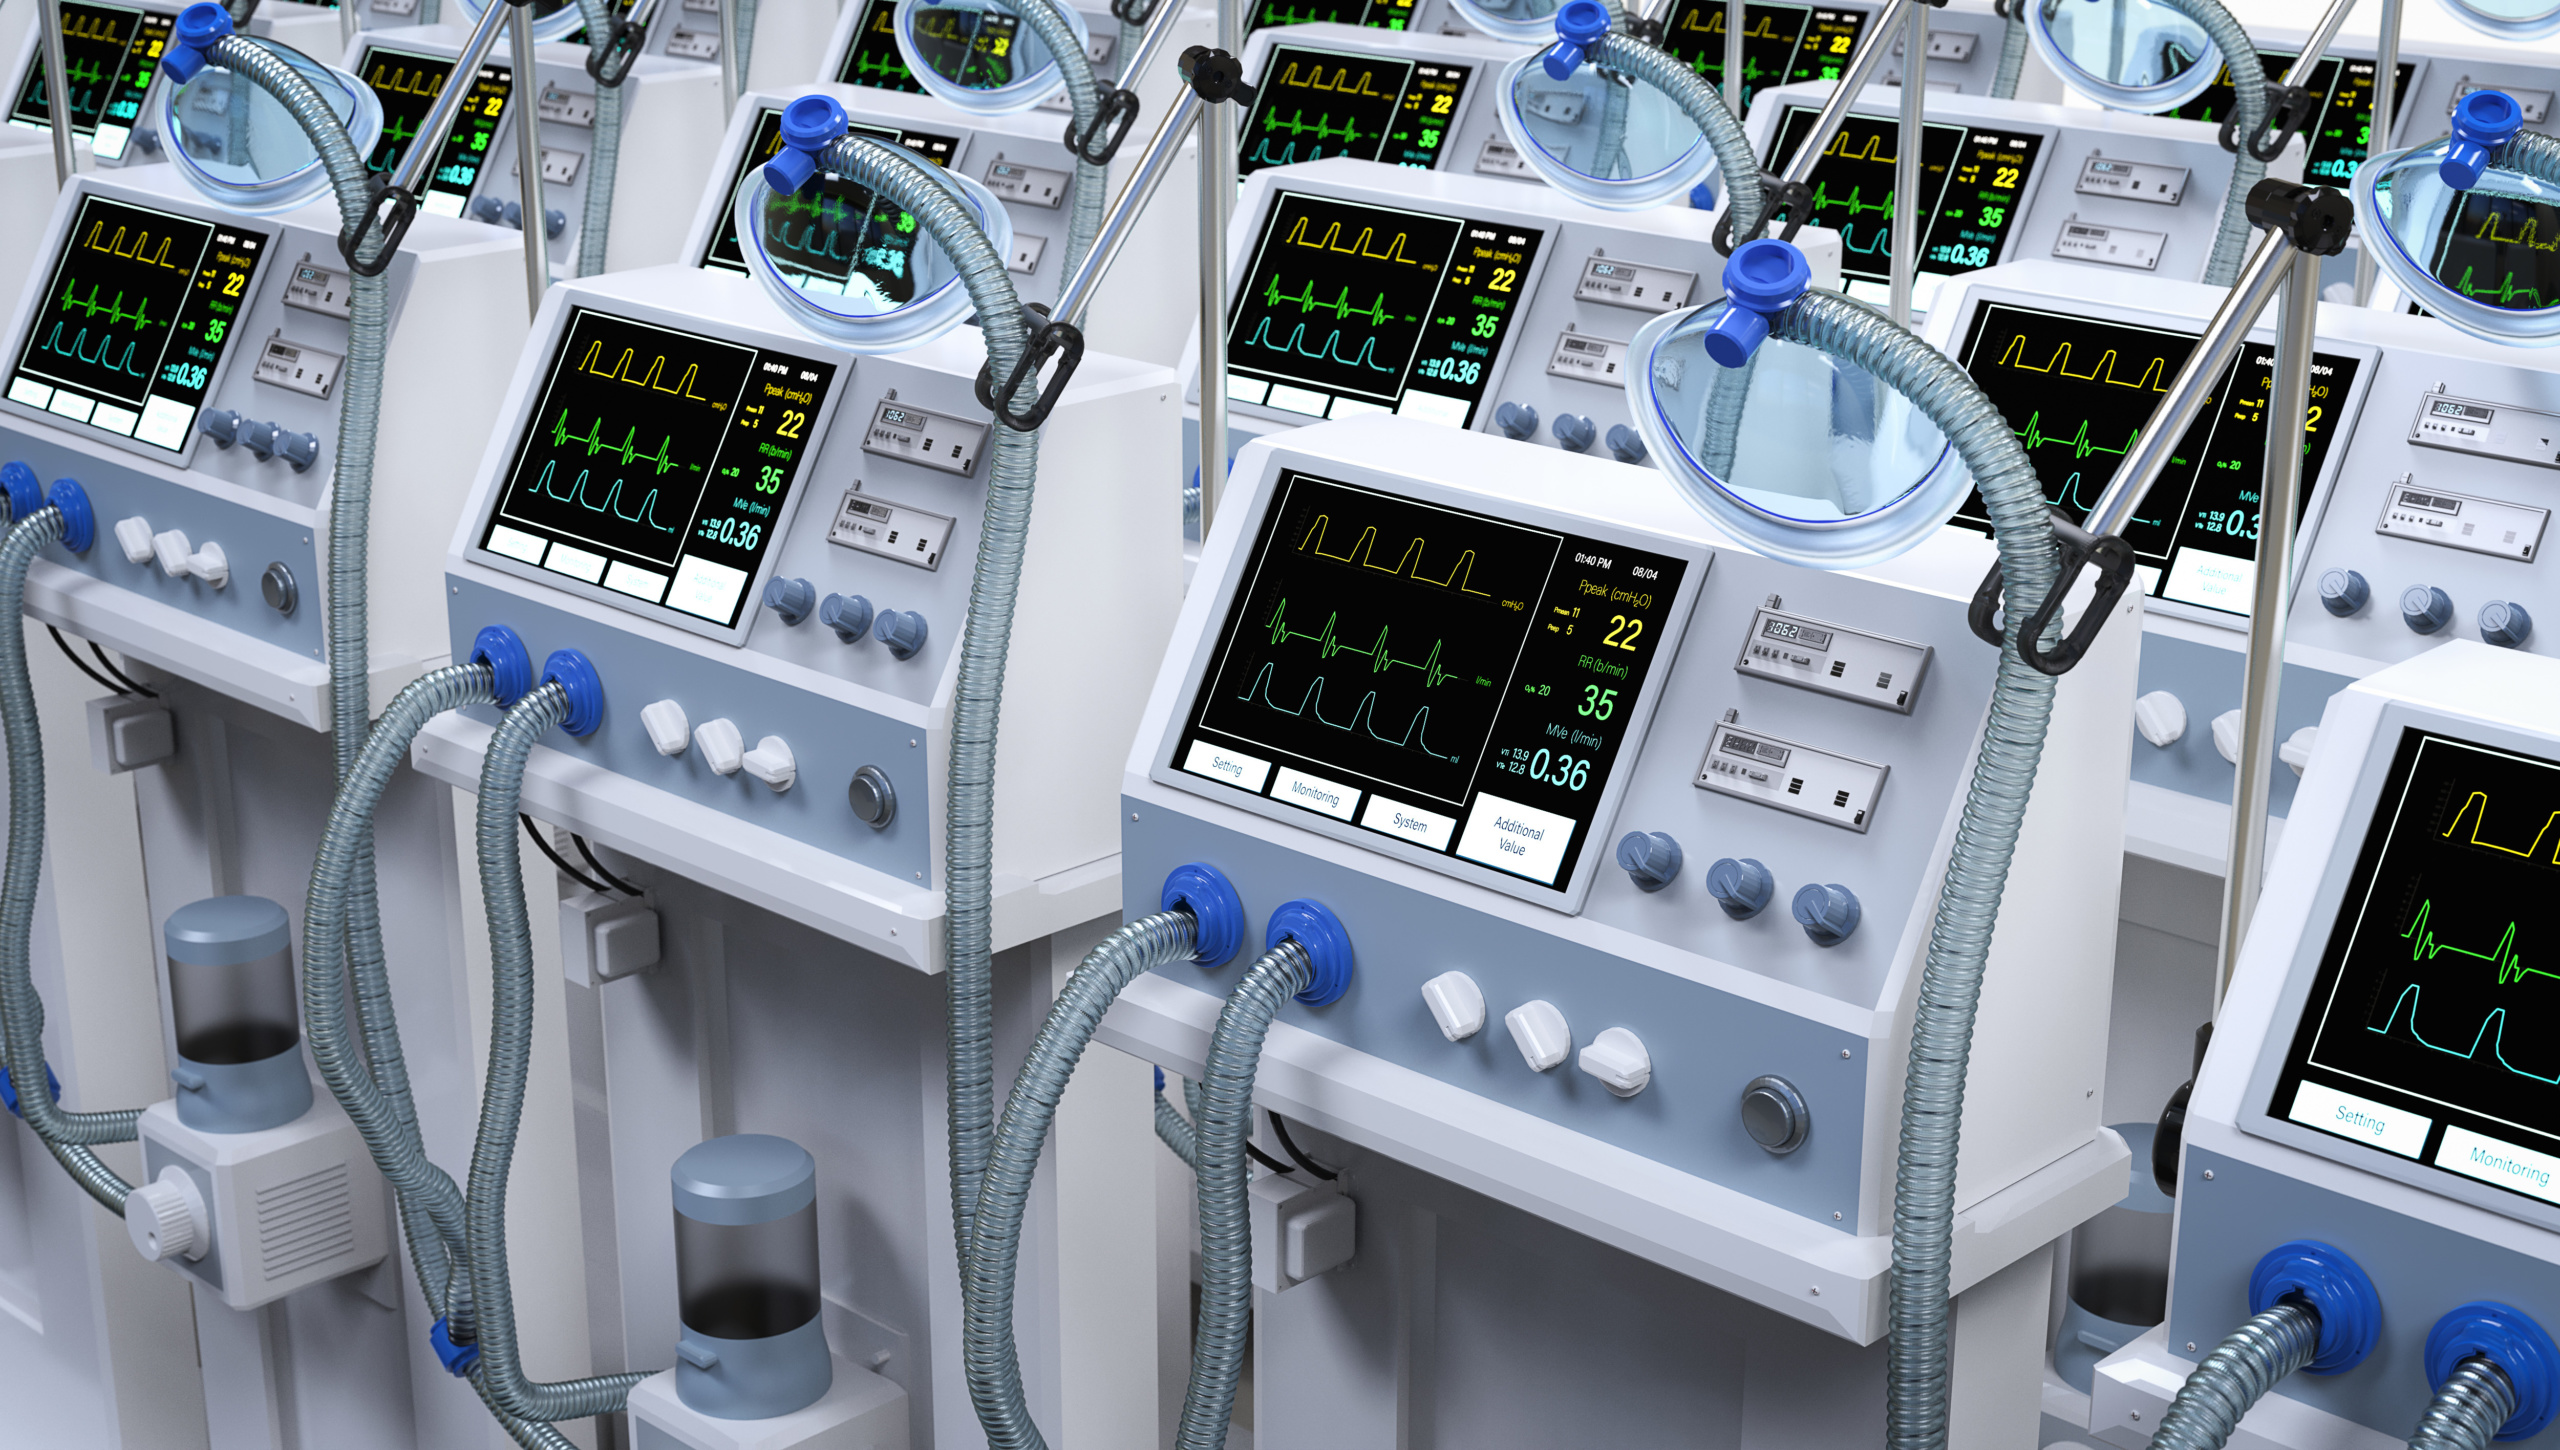 استفاده از دستگاه های پزشکی از جمله ونتیلاتورها در مواقع اورژانسی (COVID19)